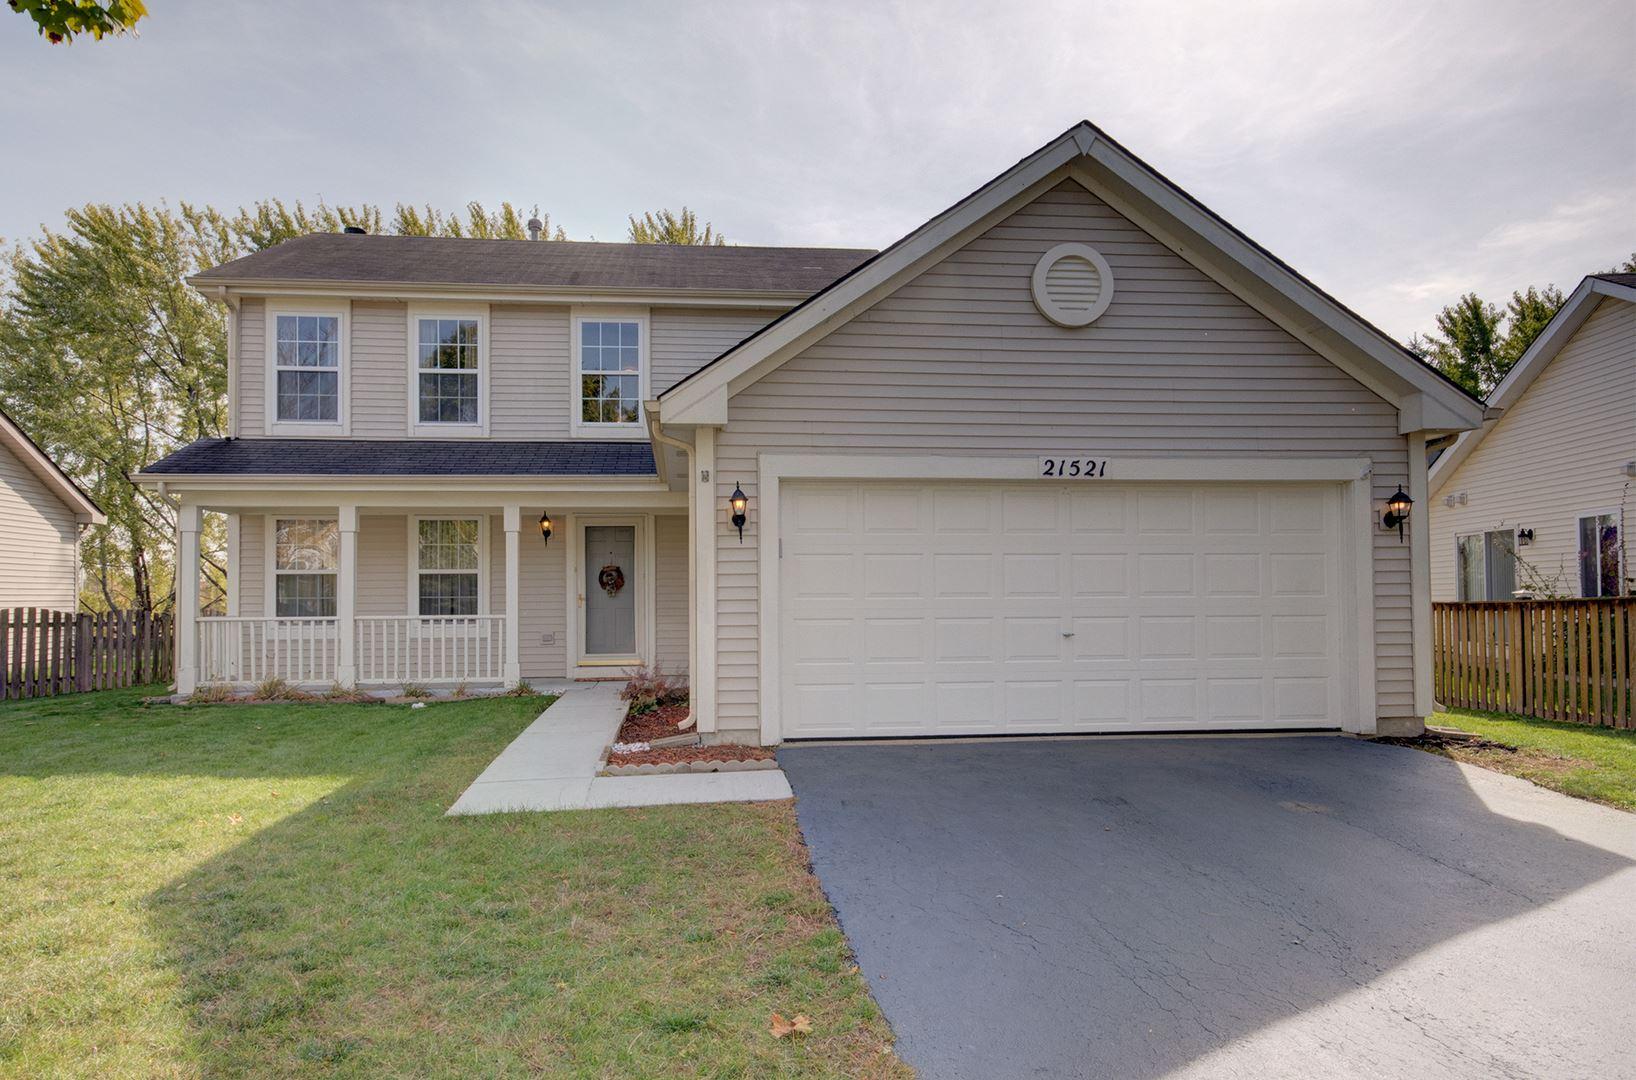 Photo of 21521 W Georgetown Drive, Plainfield, IL 60544 (MLS # 10914875)